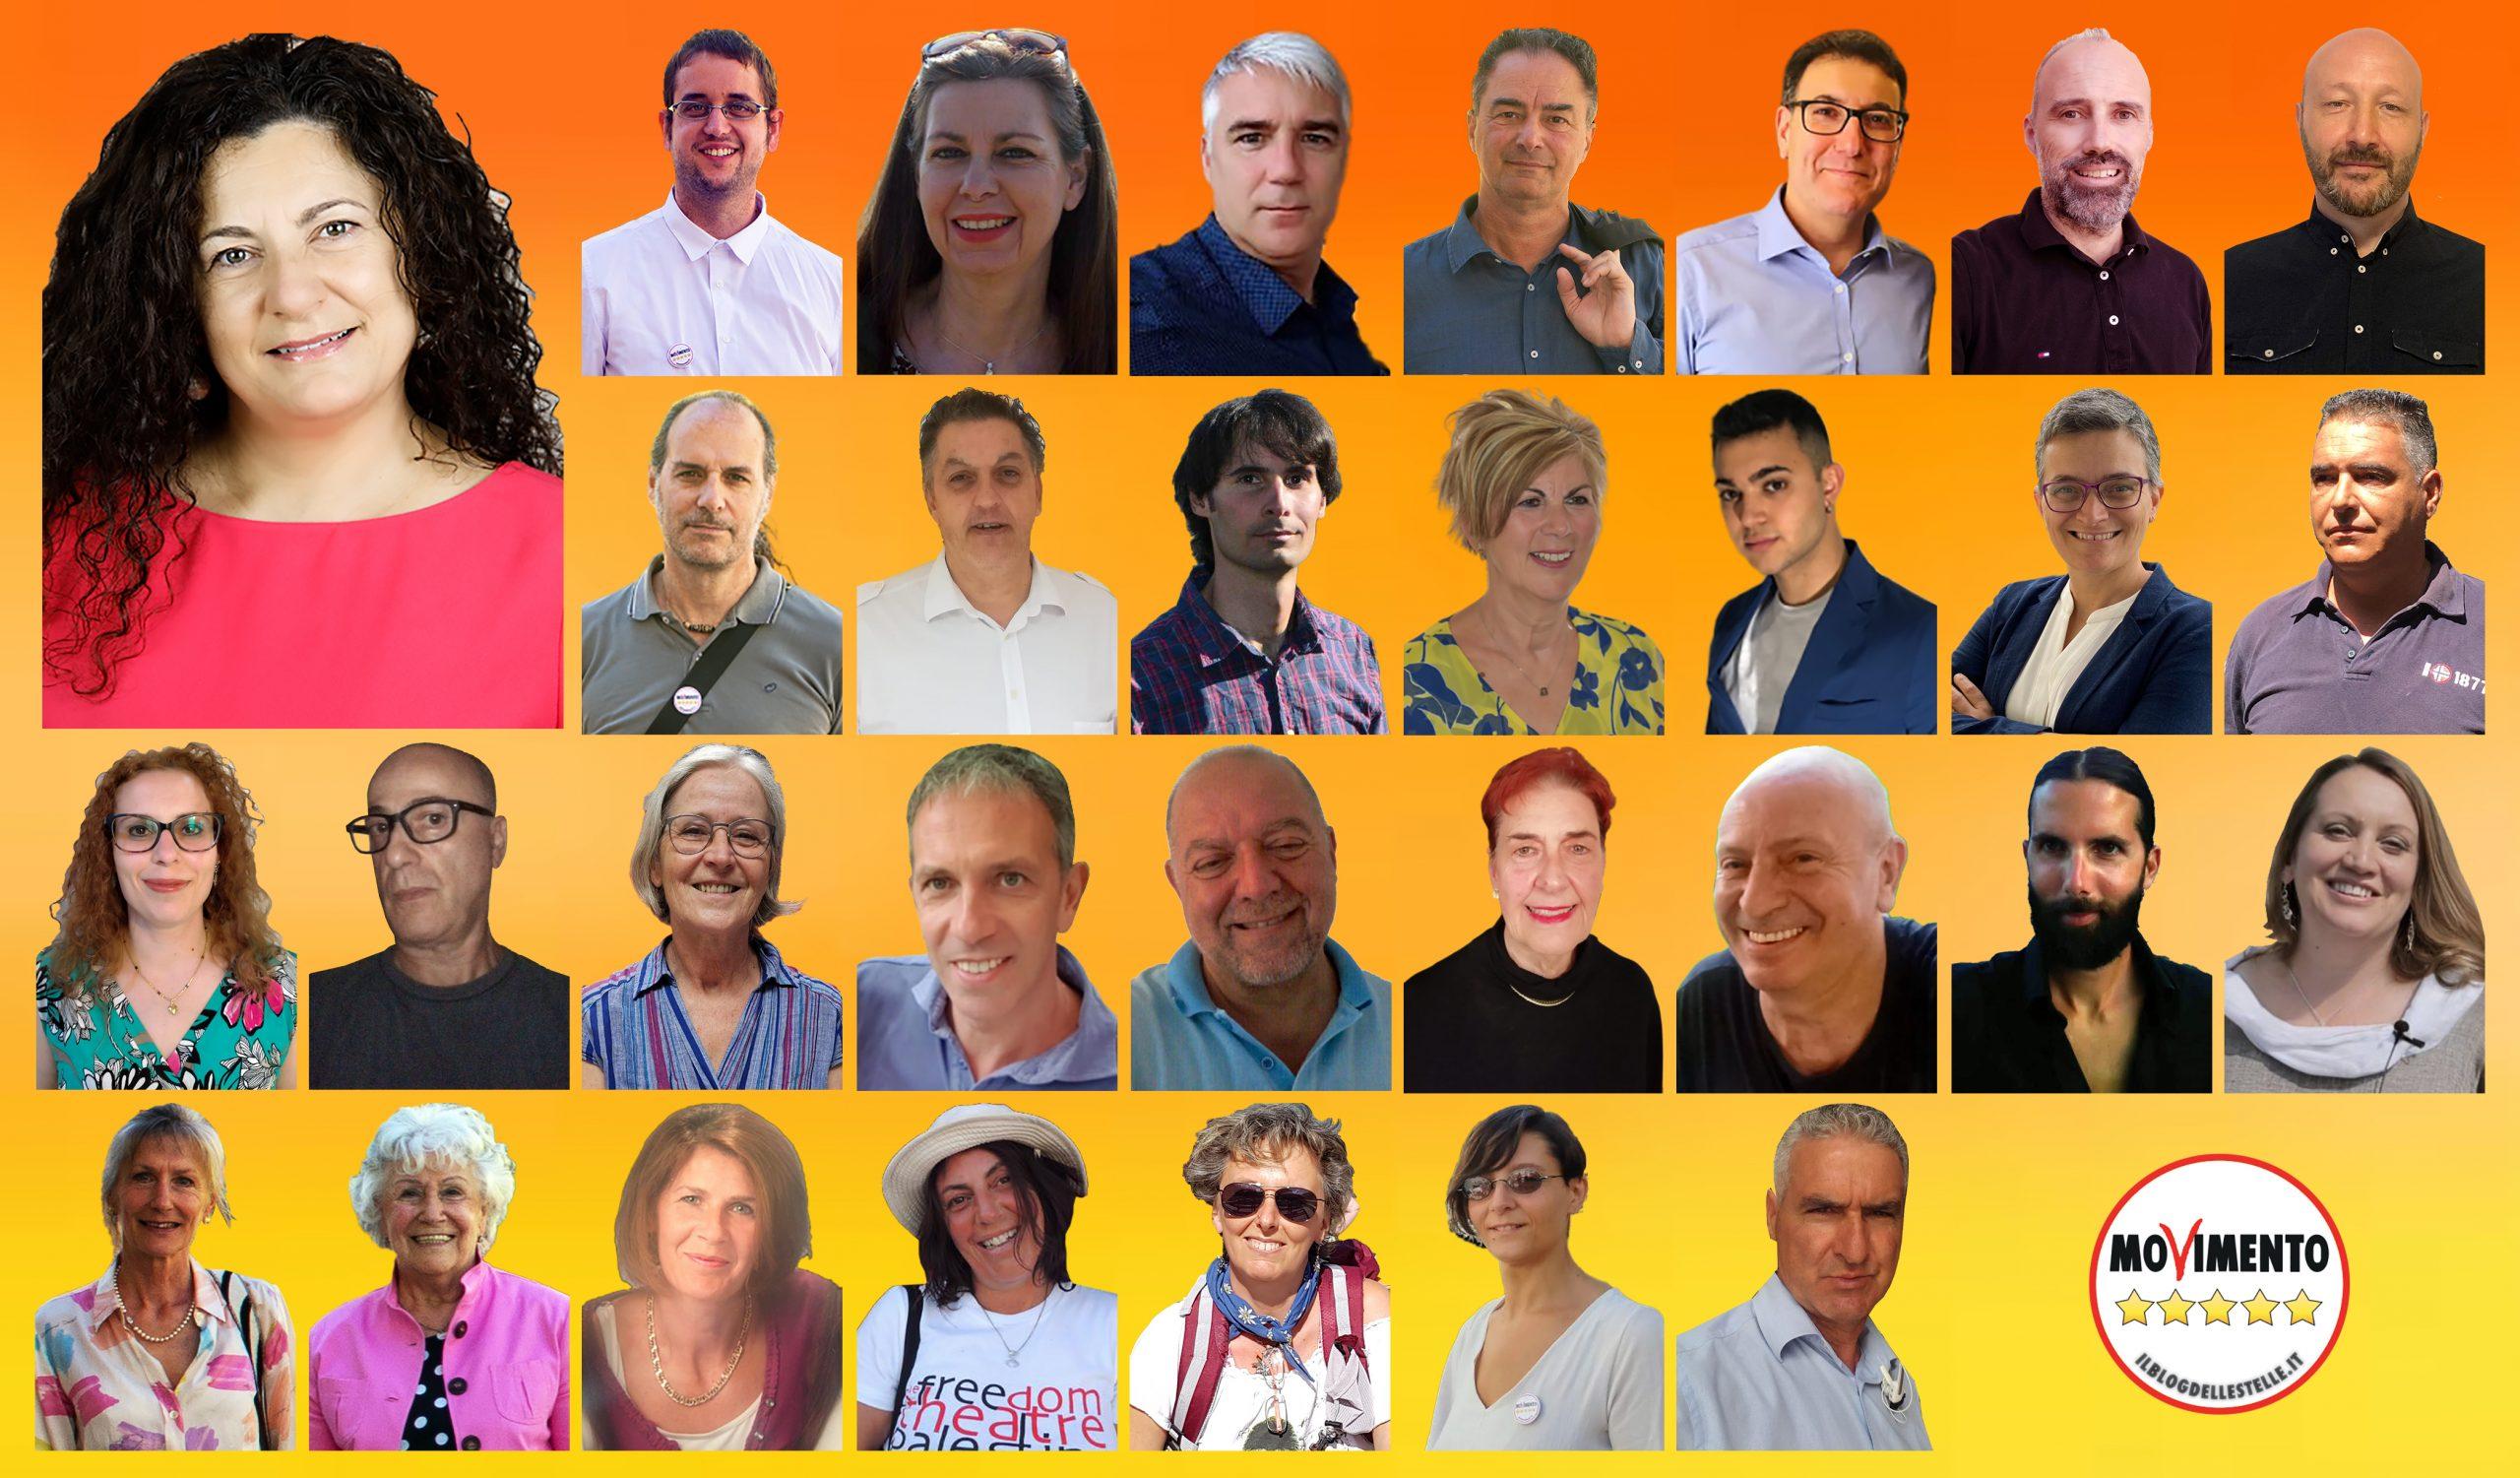 Candidati di lista M5S per elezioni comunali di Trento 2020